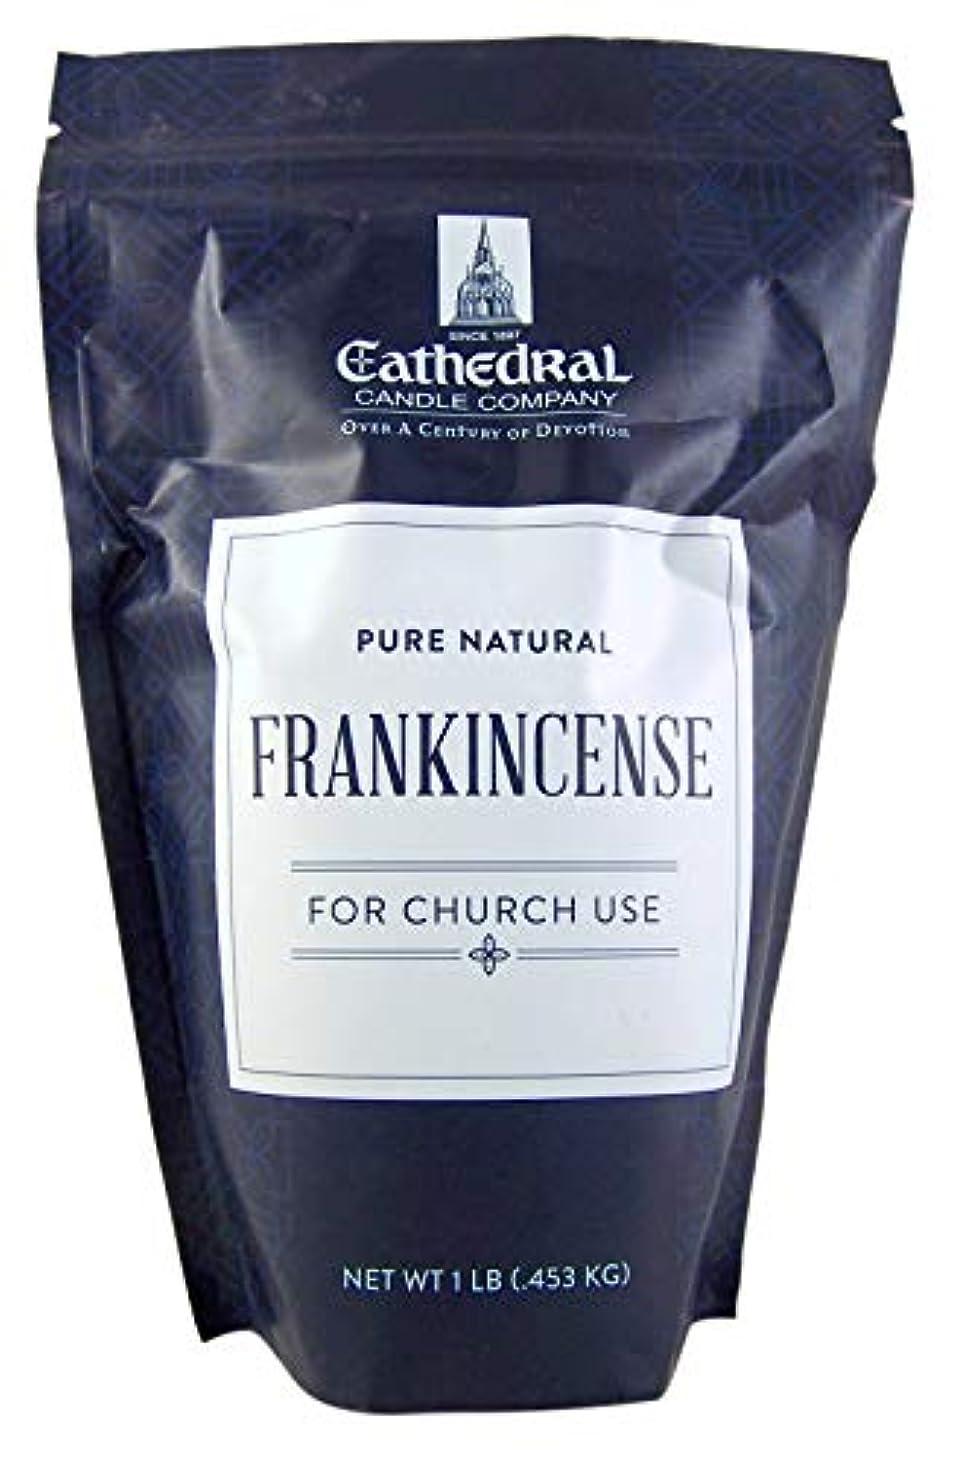 の間に上下する飢大聖堂Candle Company共通Frankincense Incense for教会使用、1 lbボックス